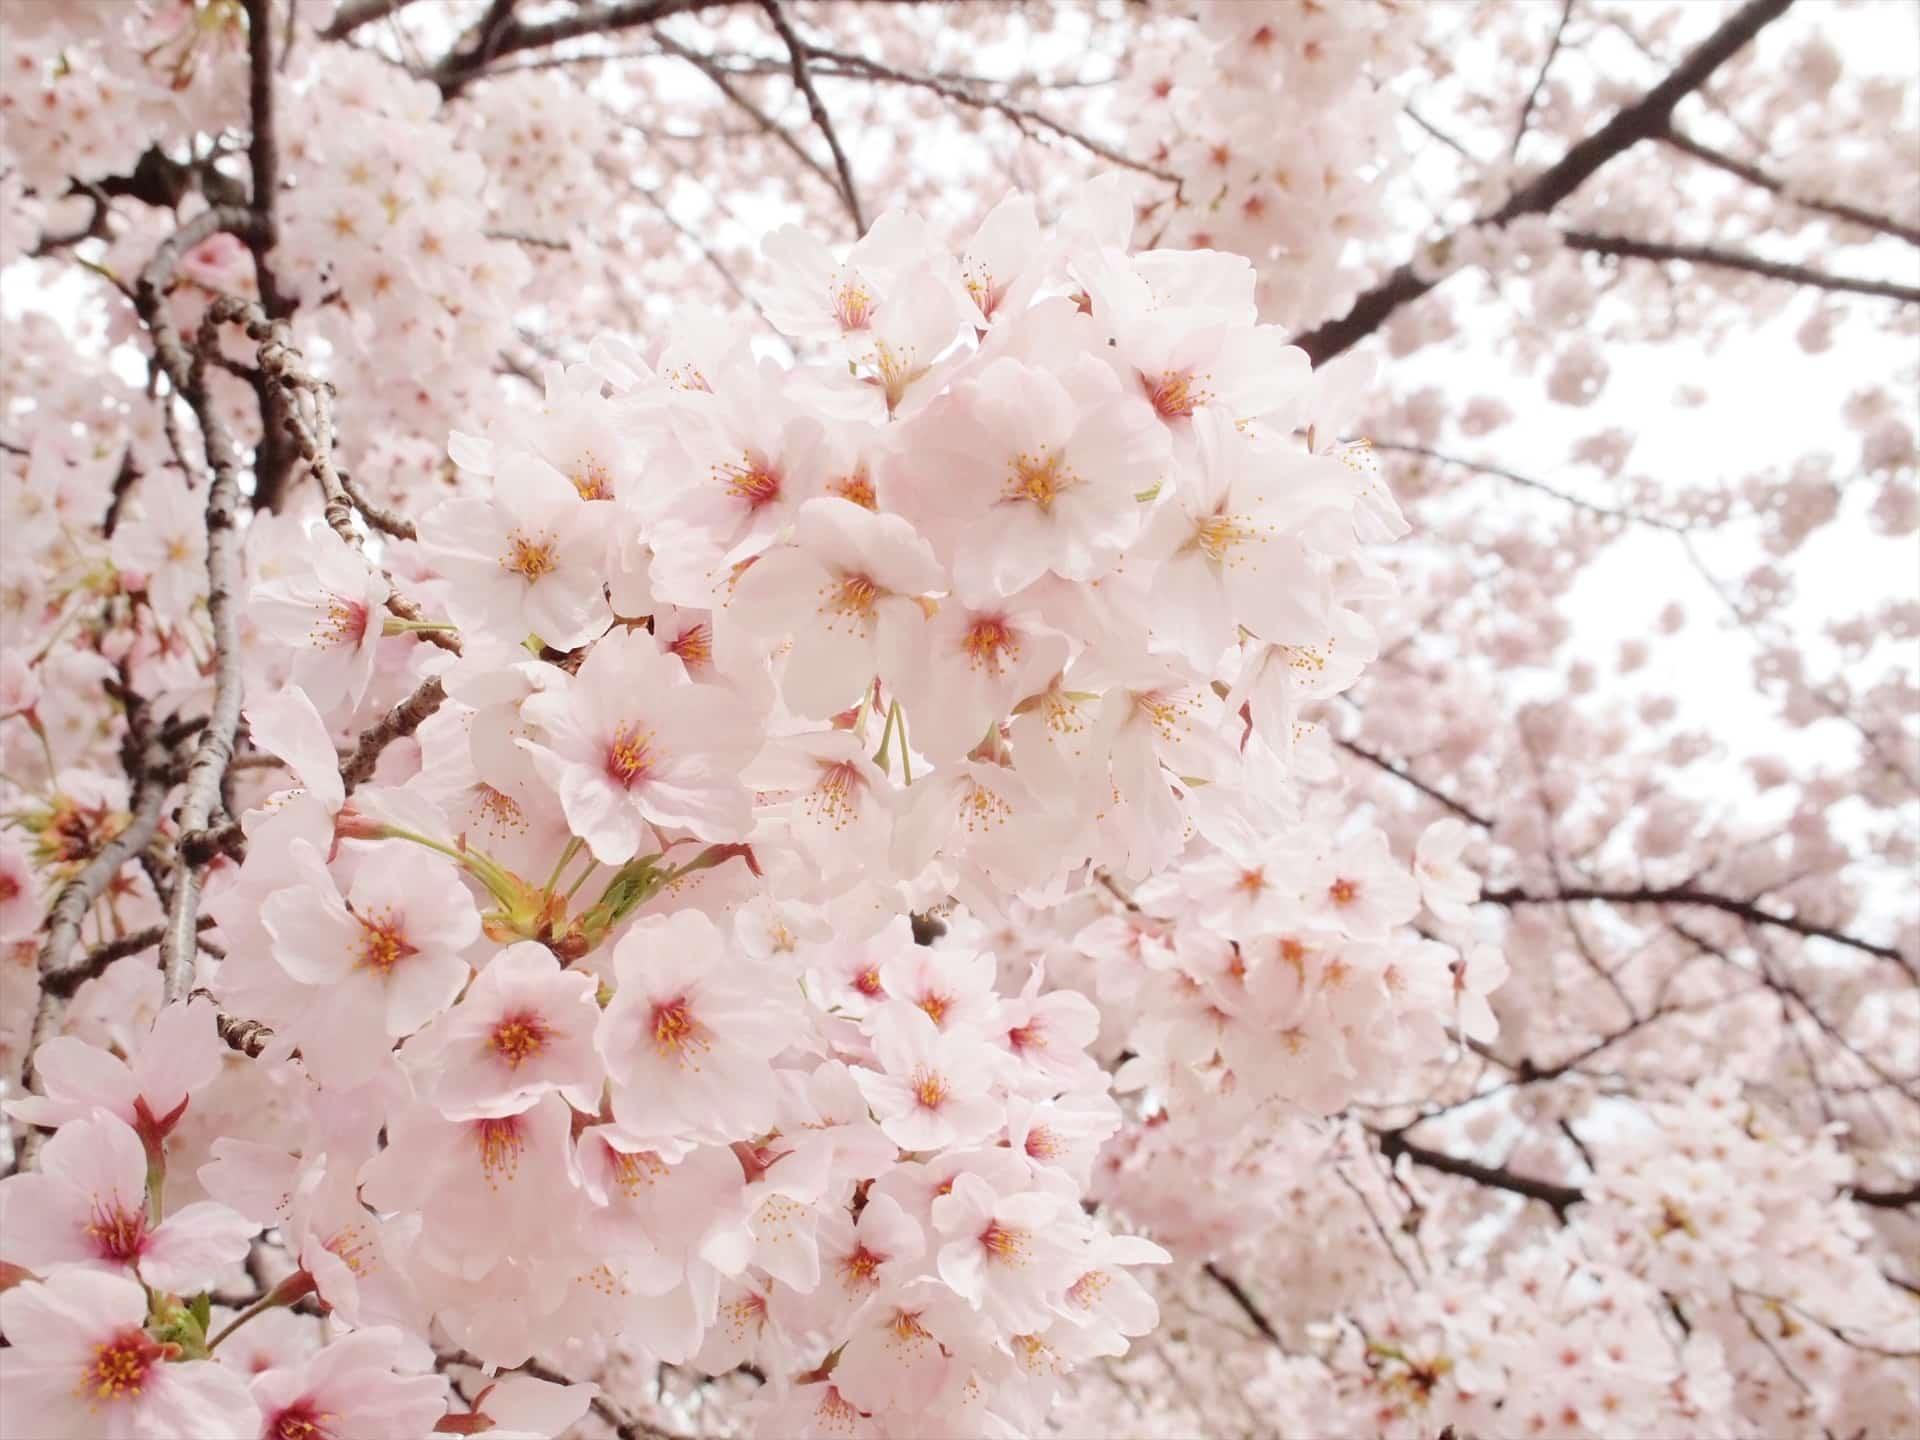 【2018年】神戸で桜を見よう!おすすめ&穴場のお花見スポット9選。開花予想日・満開予想日も